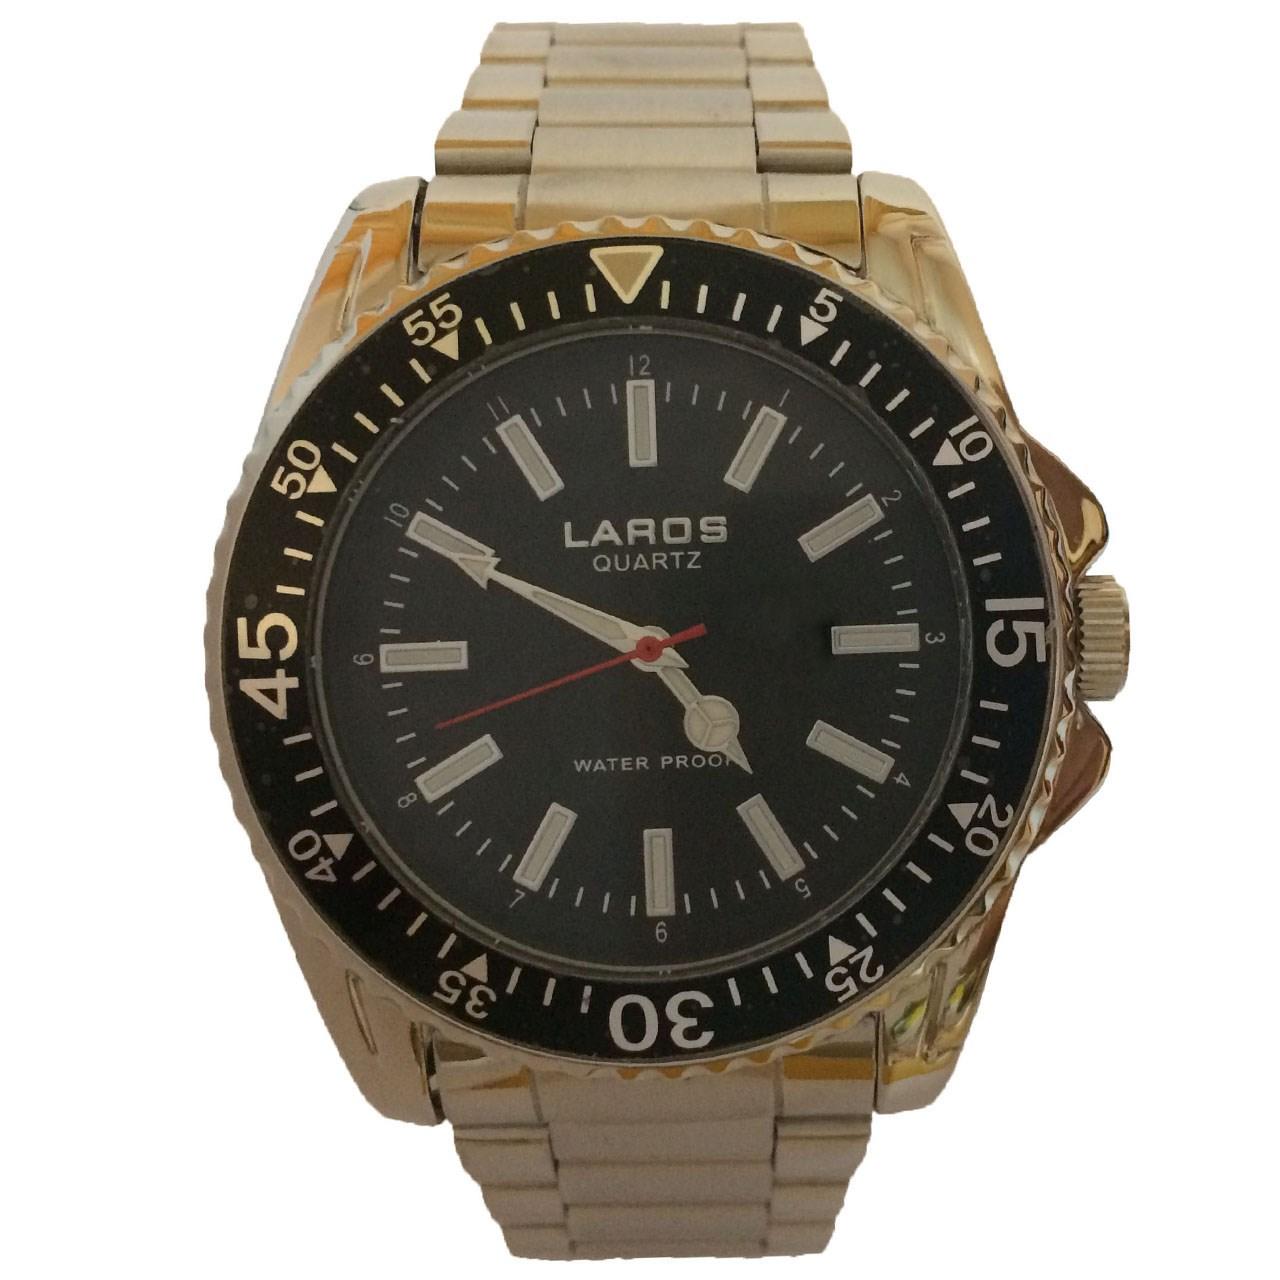 ساعت مچی عقربه ای مردانه لاروس مدل No 0917-80105